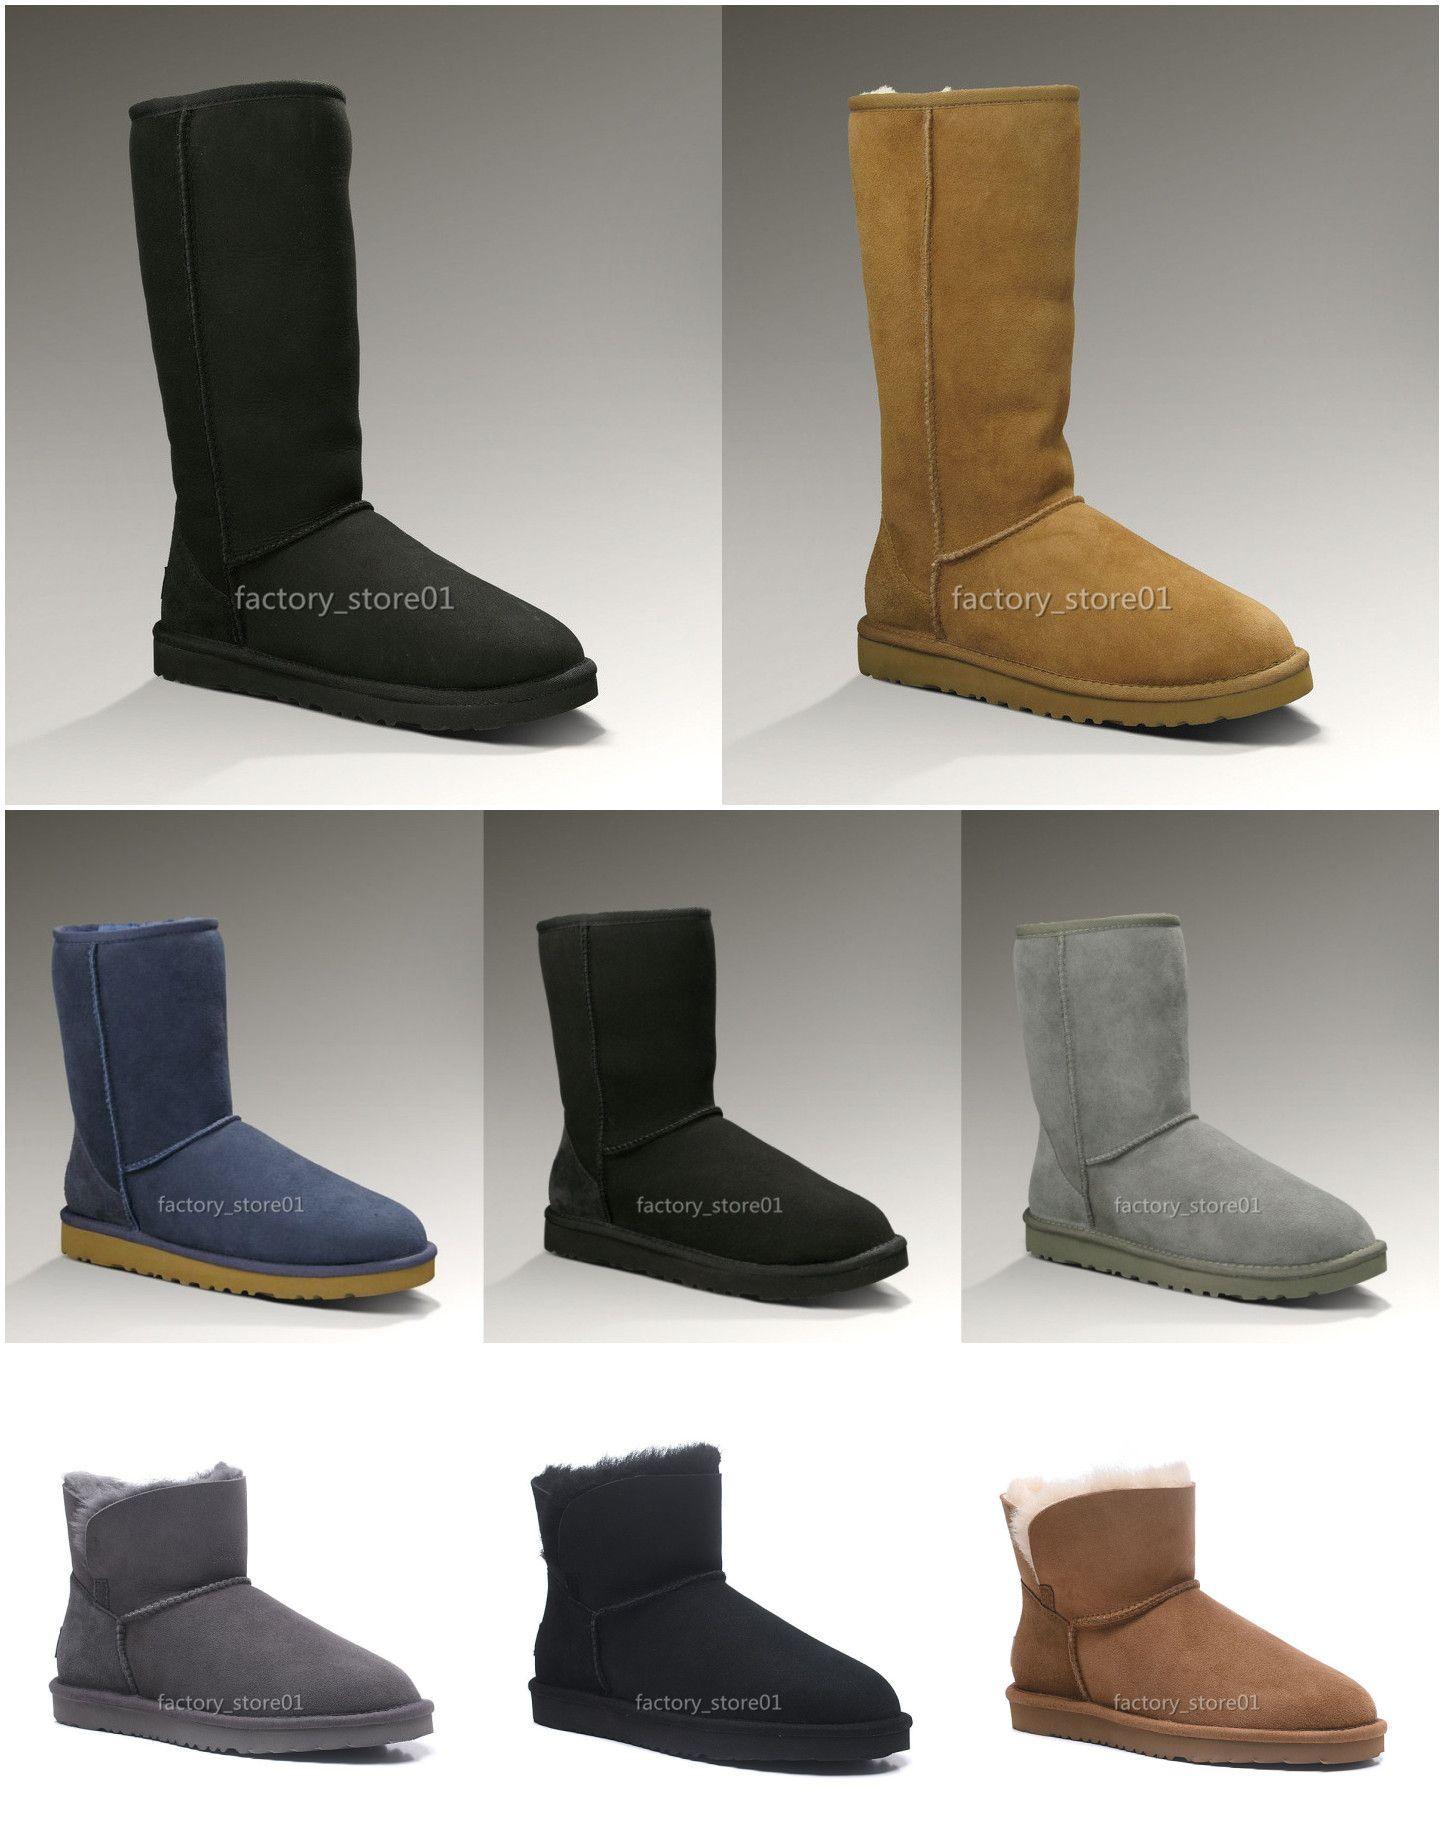 2020 donne degli uomini classici di modo Snow Boots lungo della caviglia arco corto Fur Boots Designer per inverno nero Castagno Boot Scarpe casual piattaforma 35-45